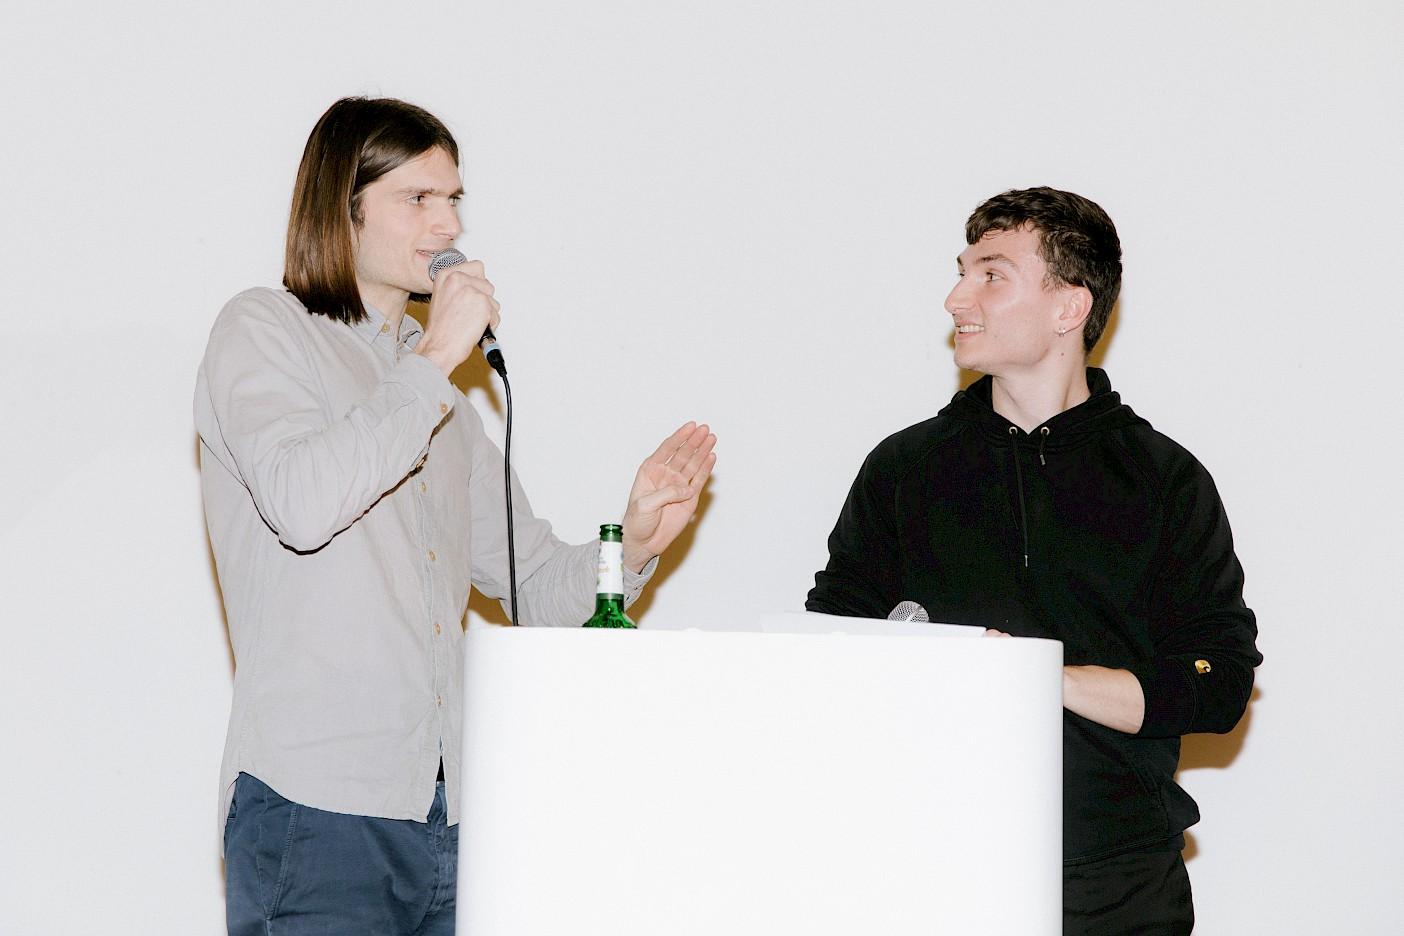 Die Studenten Jack Brennan und David Moser moderieren die Preisverleihung